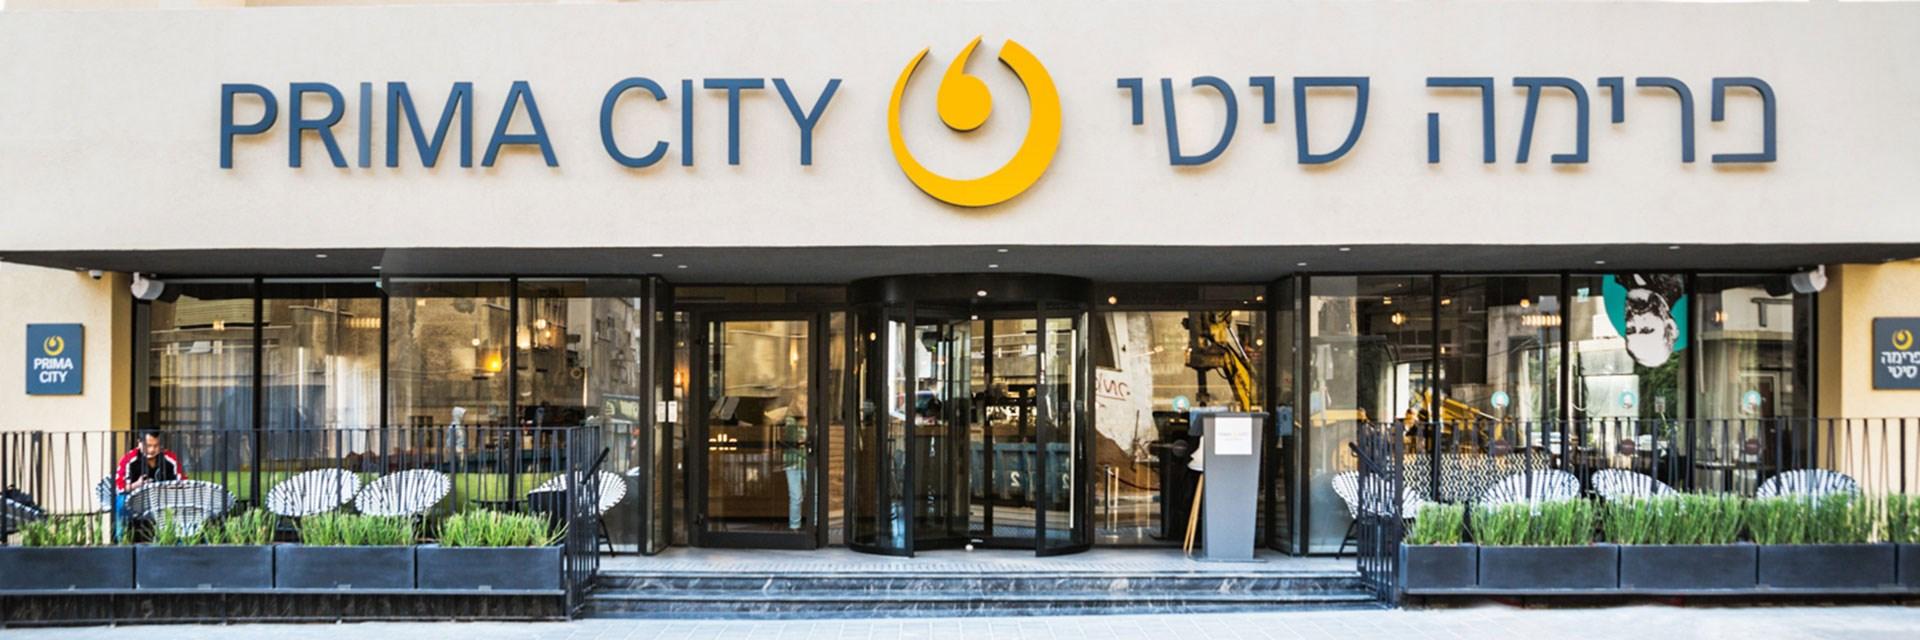 Prima City Entrance